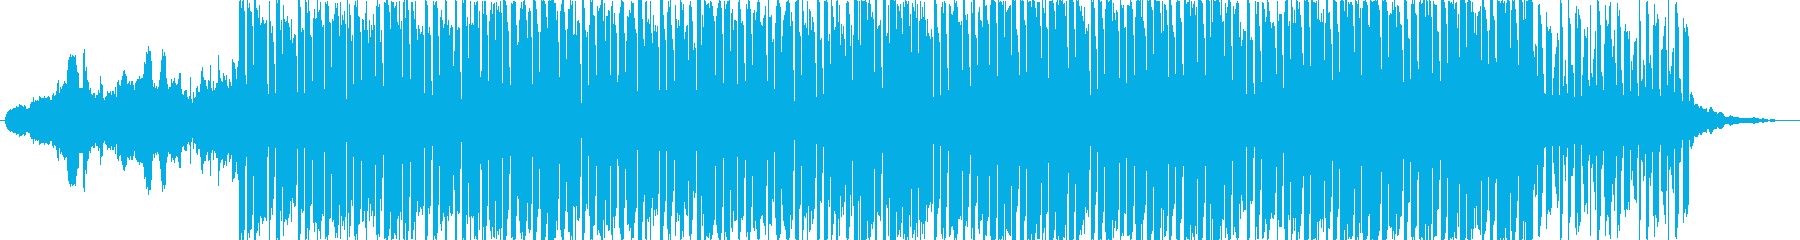 映像系に合う壮大なシンセメインHOUSEの再生済みの波形